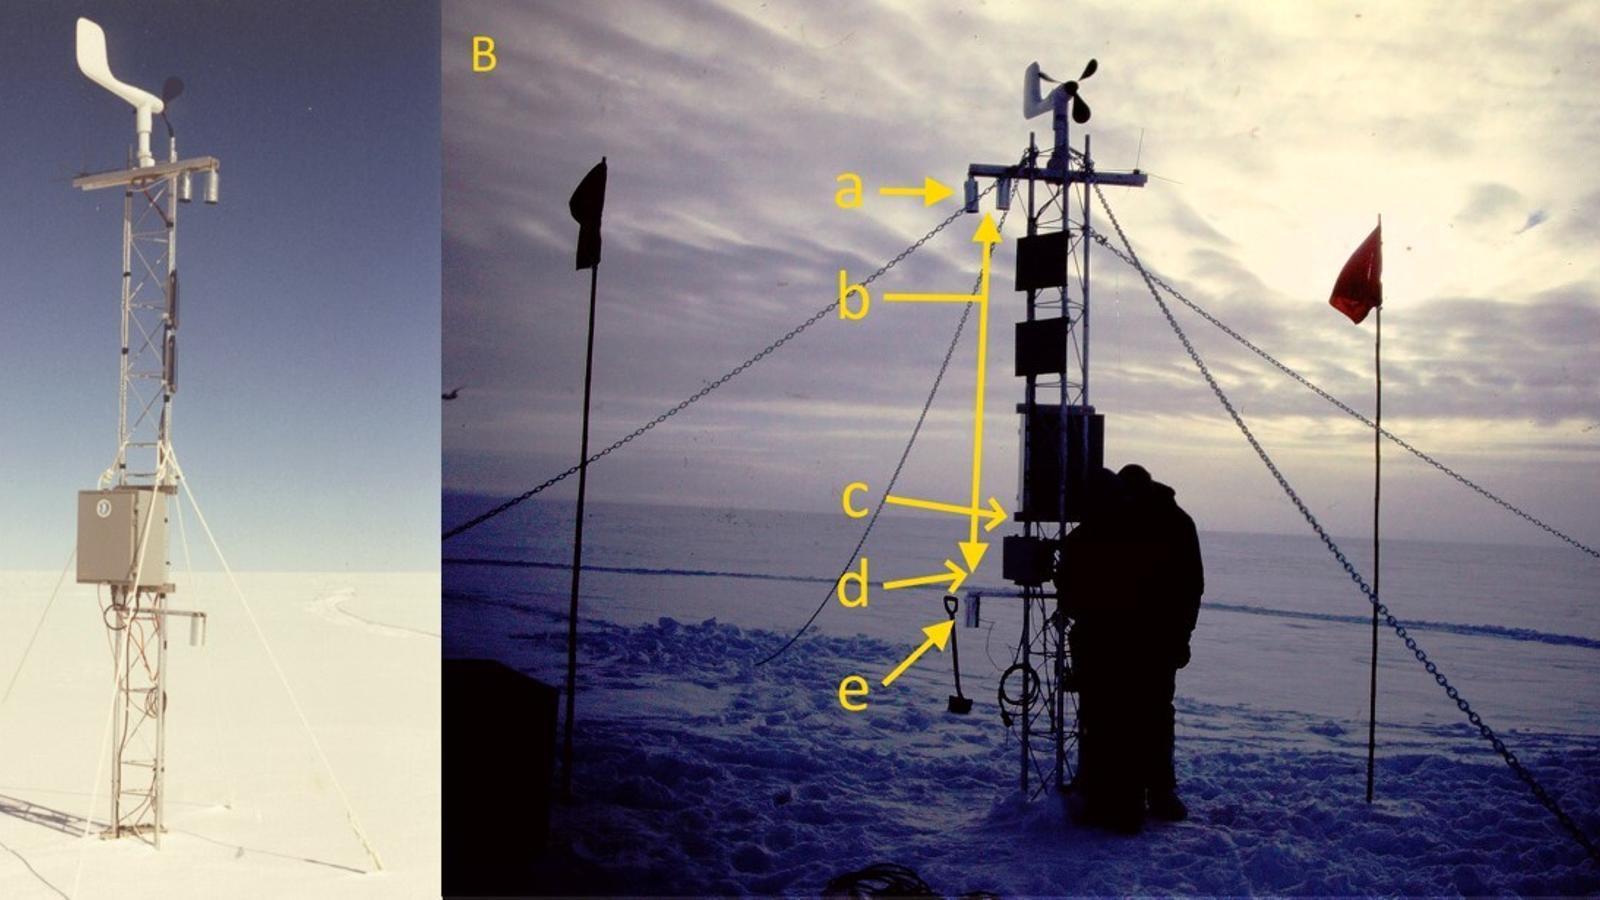 Estació meteorològica de Klinck, a Groenlàndia, el 1991